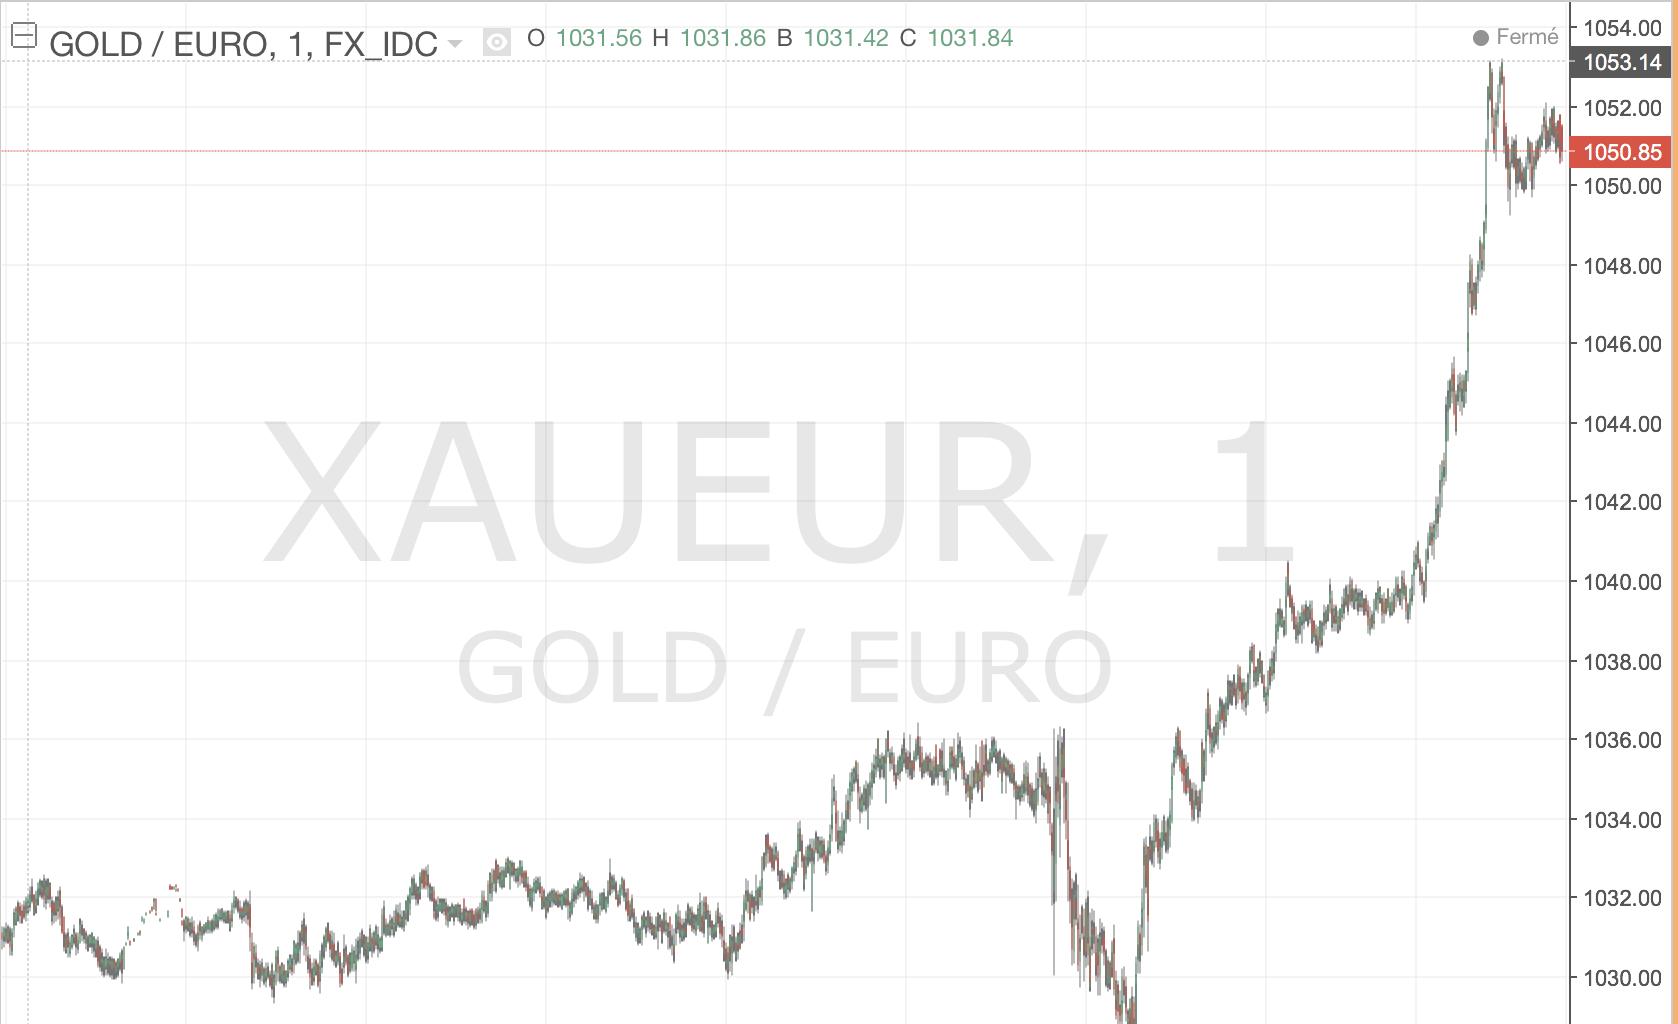 historique cours de l'or 6 Février 2016